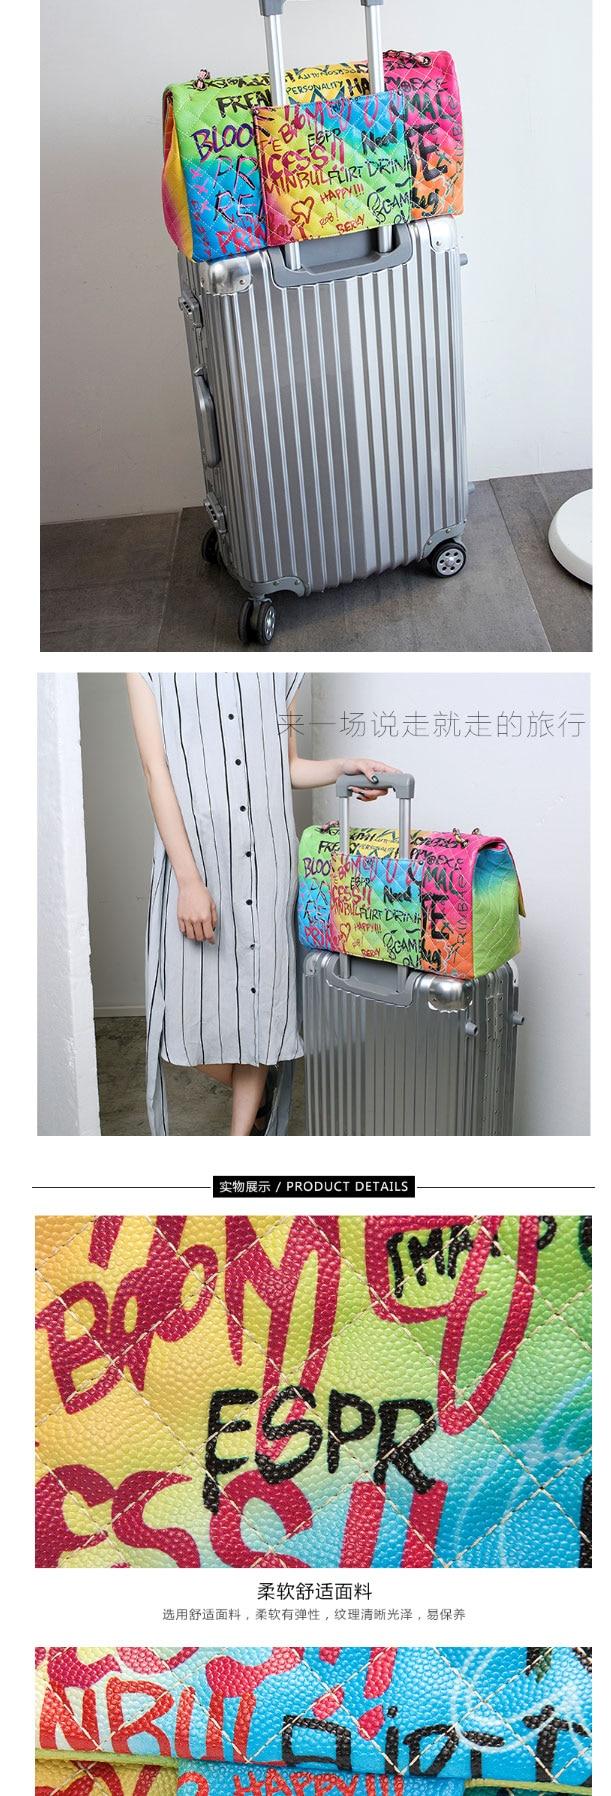 designer de ombro bolsa de embreagem feminina sac